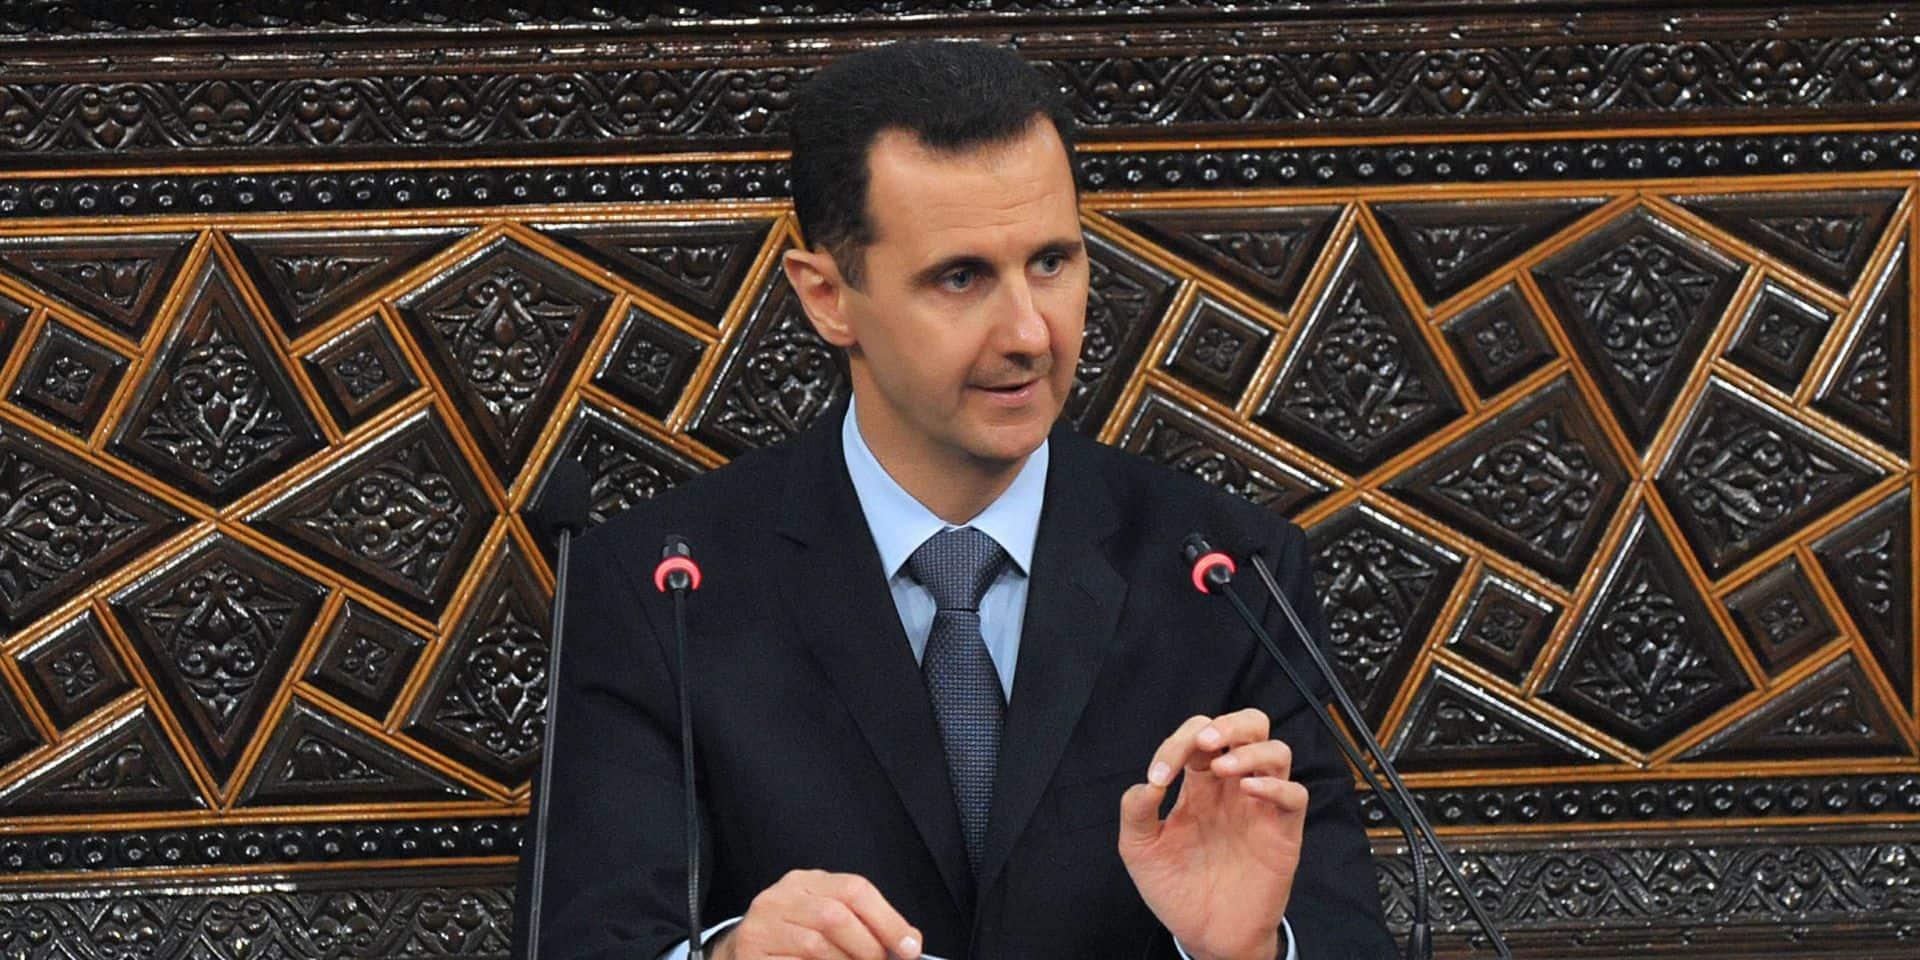 Bachar al-Assad réélu sans surprise président de la Syrie avec 95,1% des voix